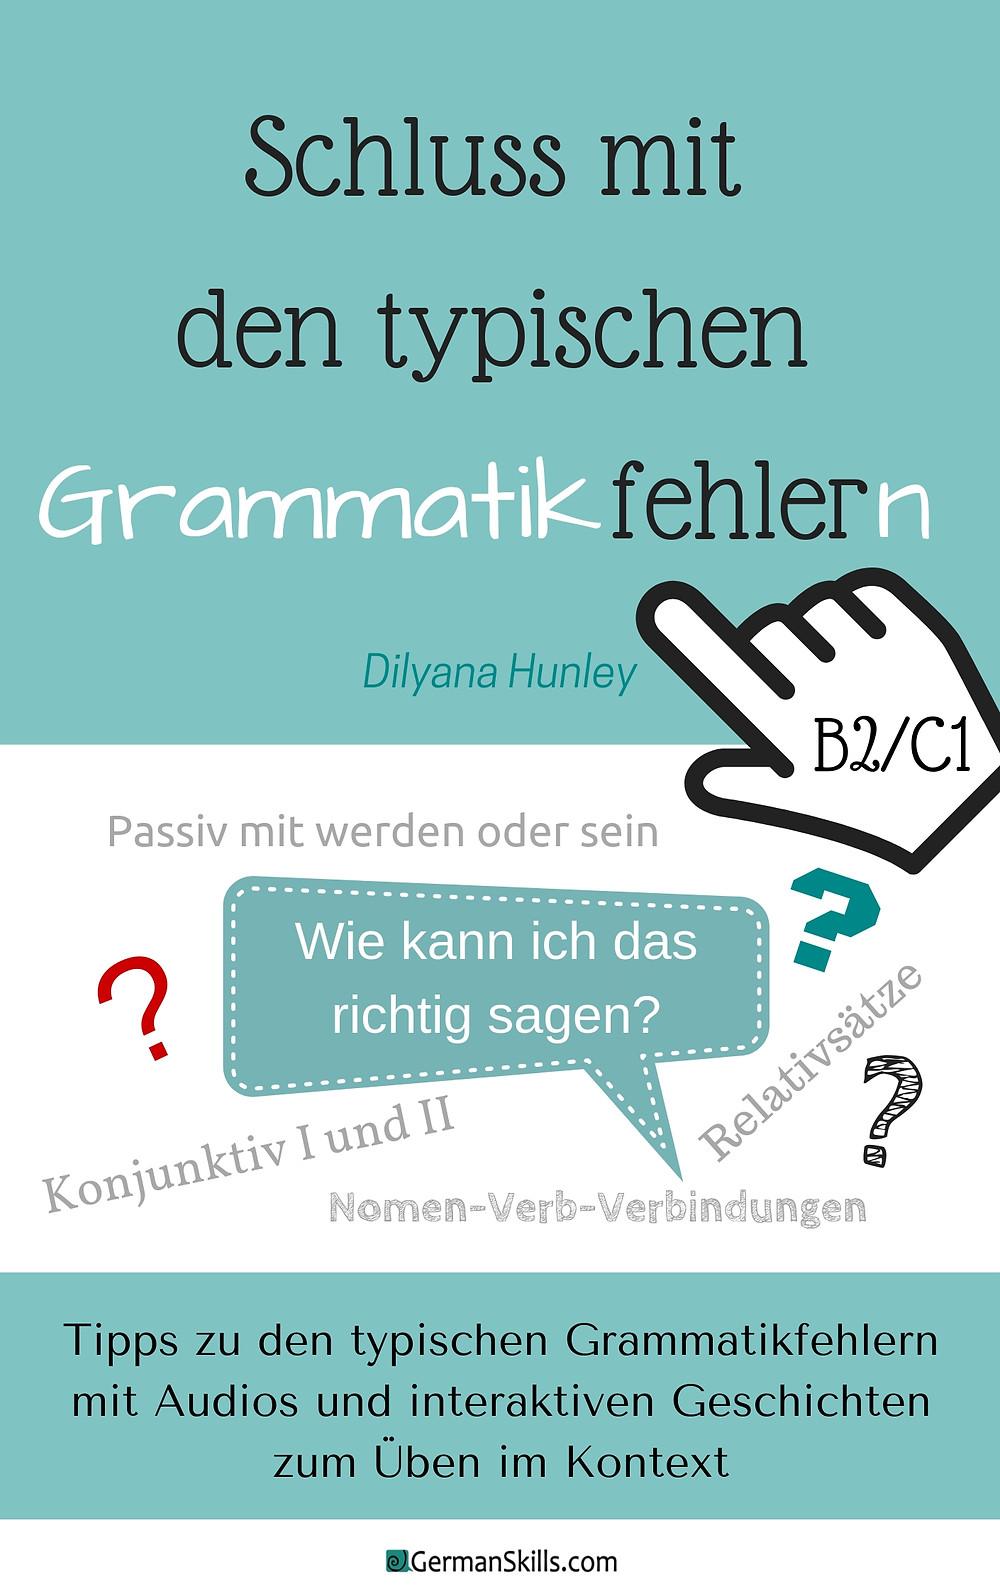 Schluss mit den typischen Grammatikfehlern B2/C1